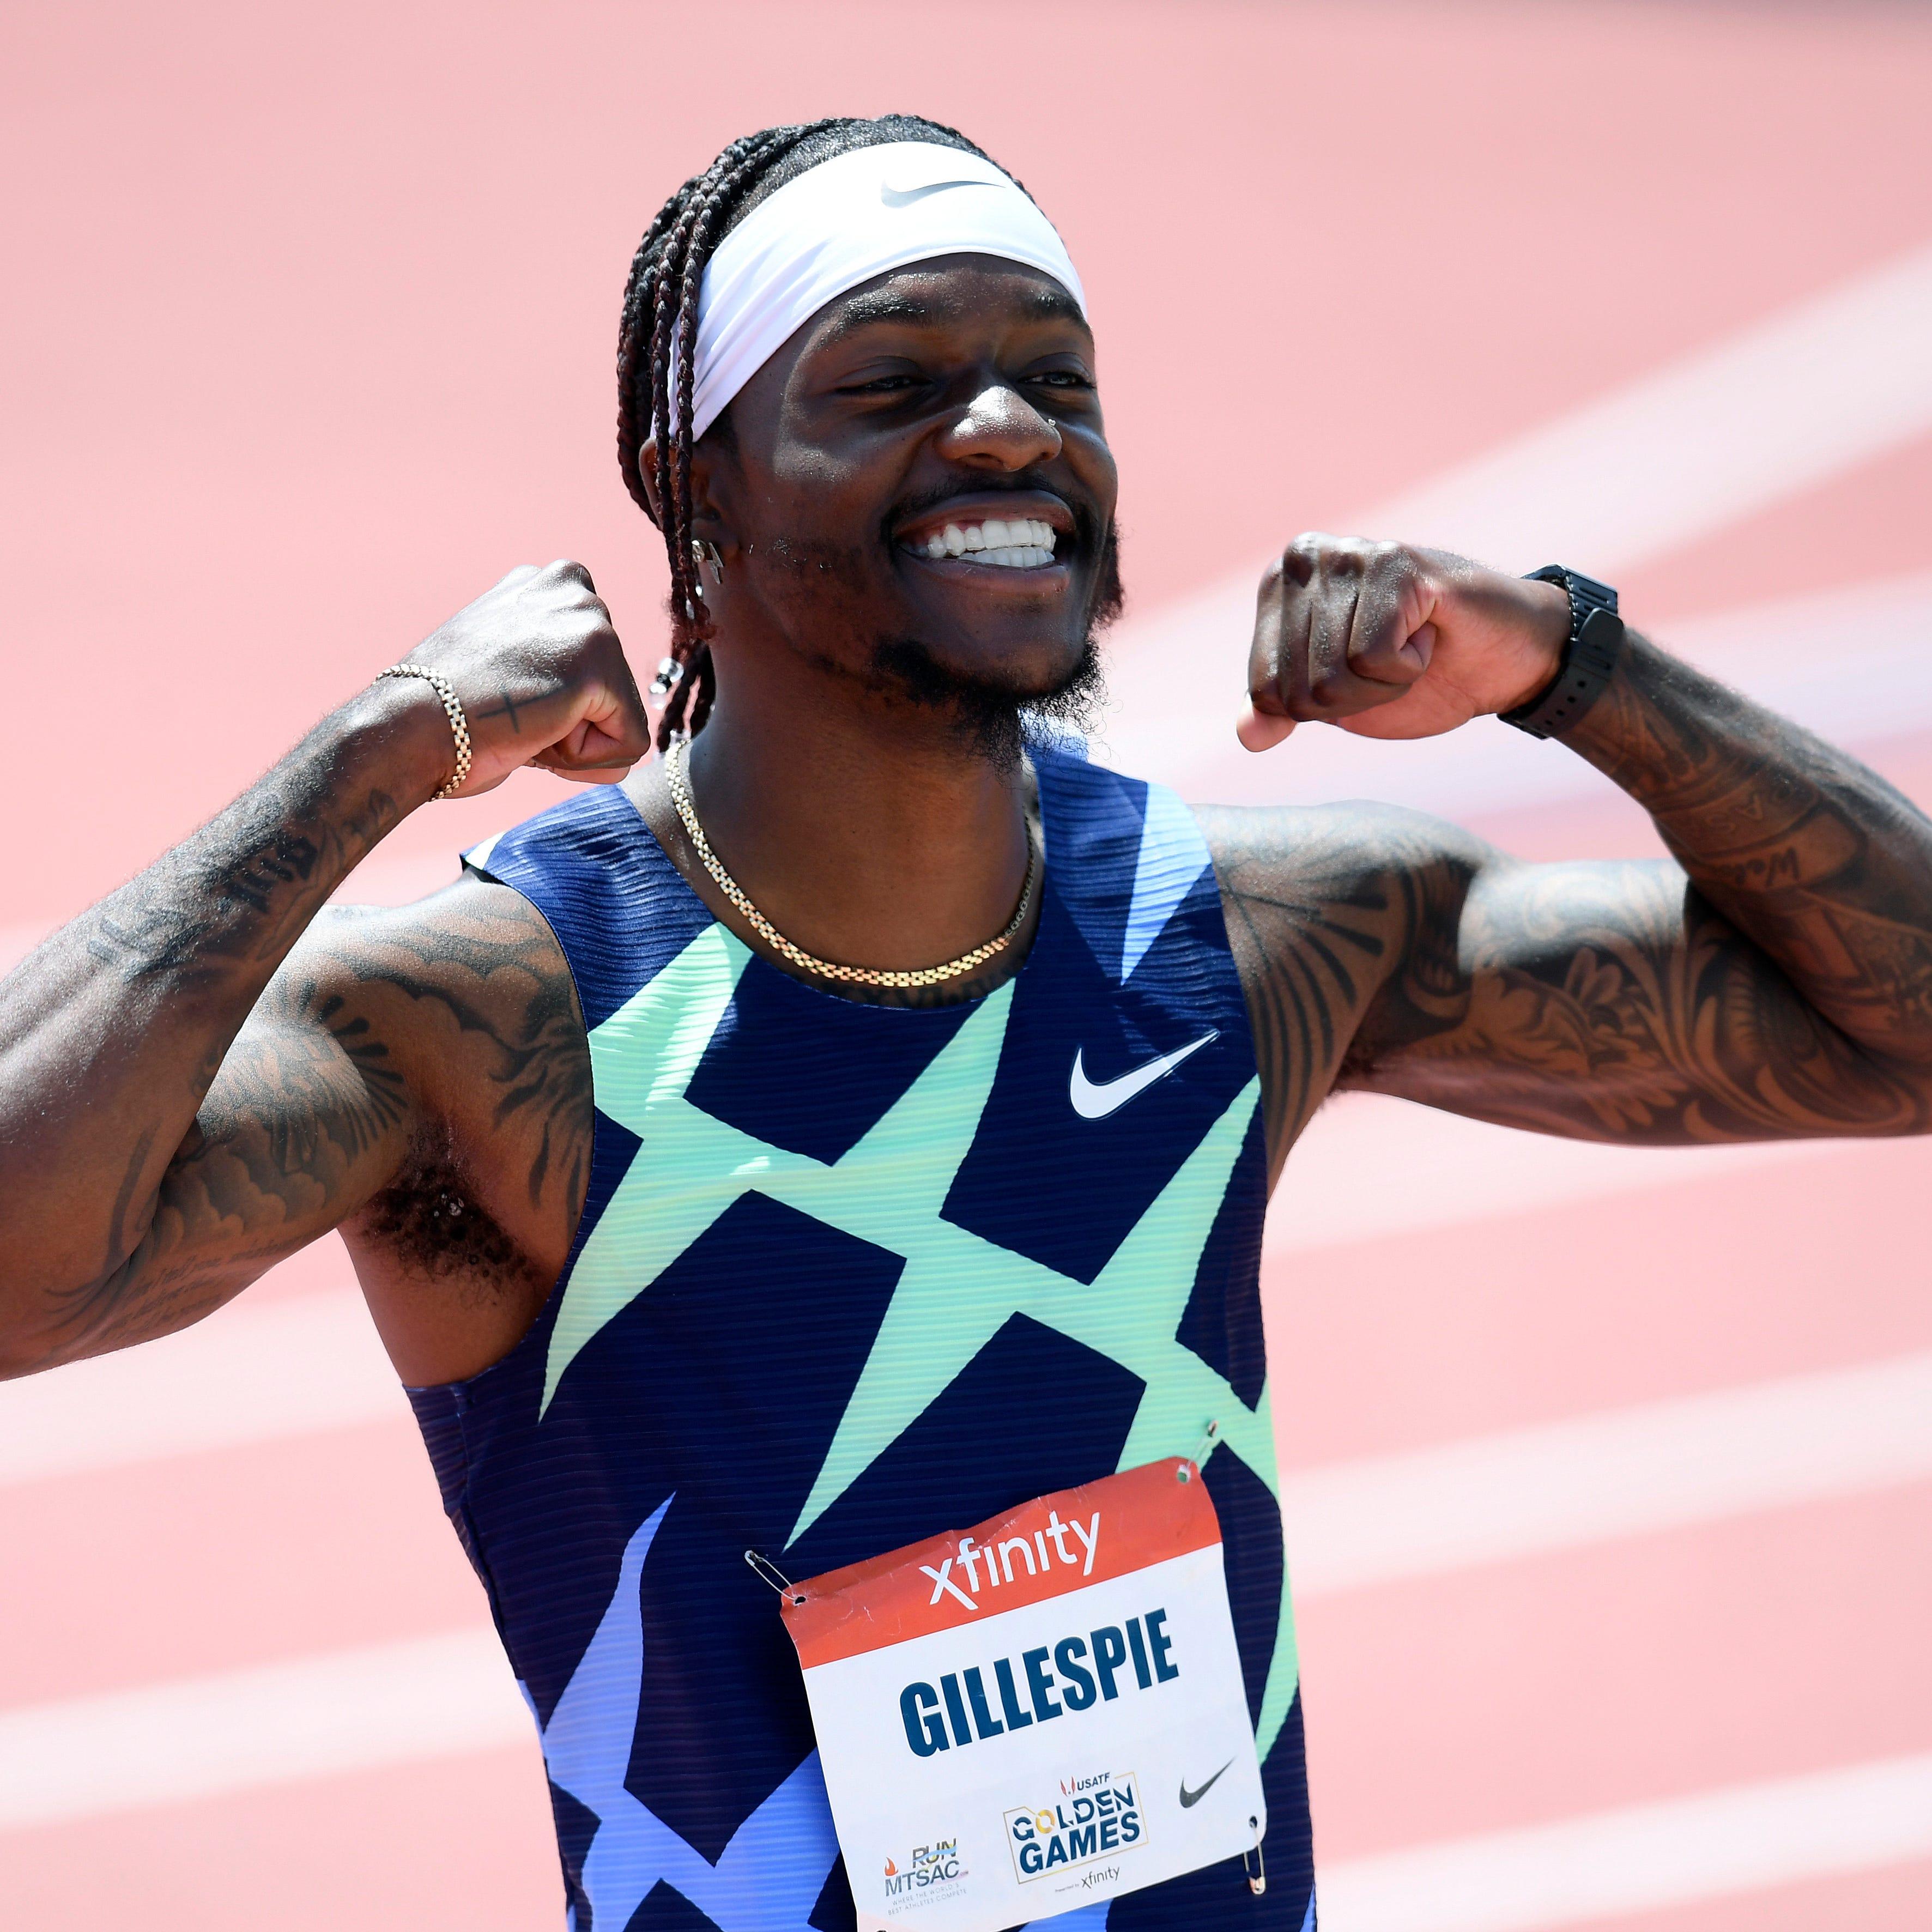 Cravon Gillespie